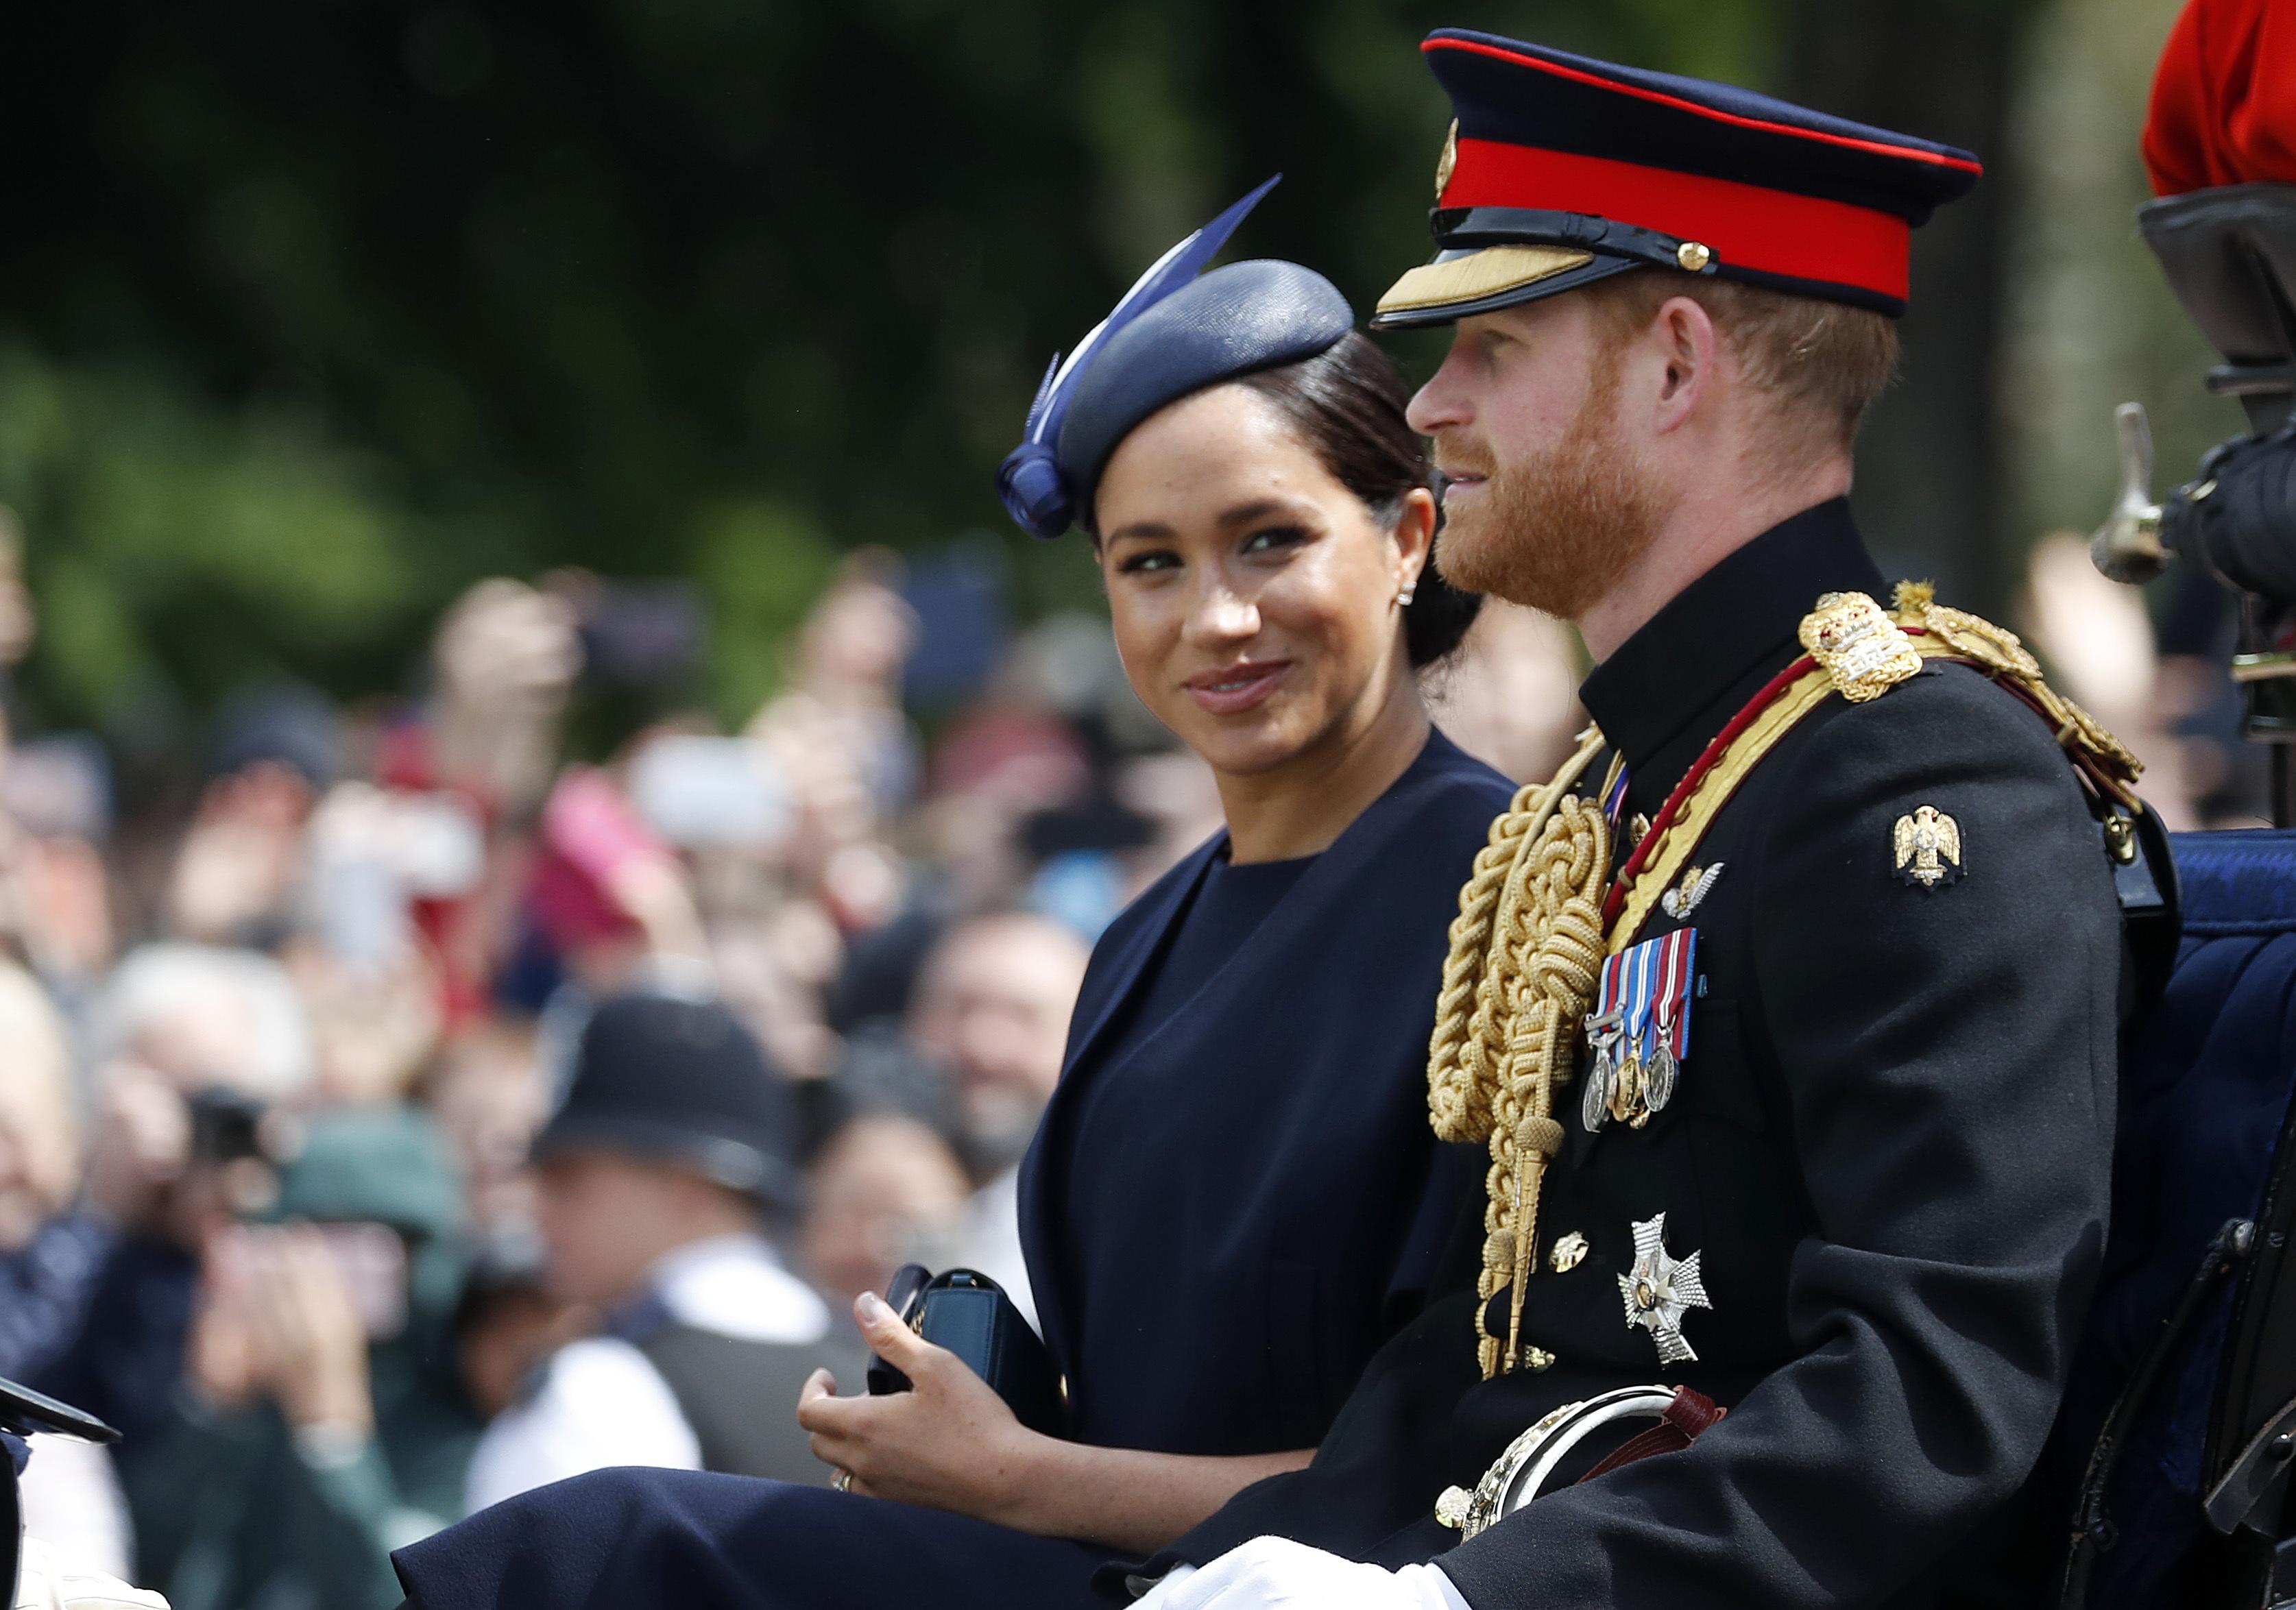 """La duquesa de Sussex reapareció luego del nacimiento de su primer hijo, en el tradicional """"Trooping the Colour"""", el desfile anual con el que se conmemora el aniversario del monarca británico desde hace más de 250 años. Llevó un sobrio vestido azul marino con abrigo en combinación. (Archivo)"""